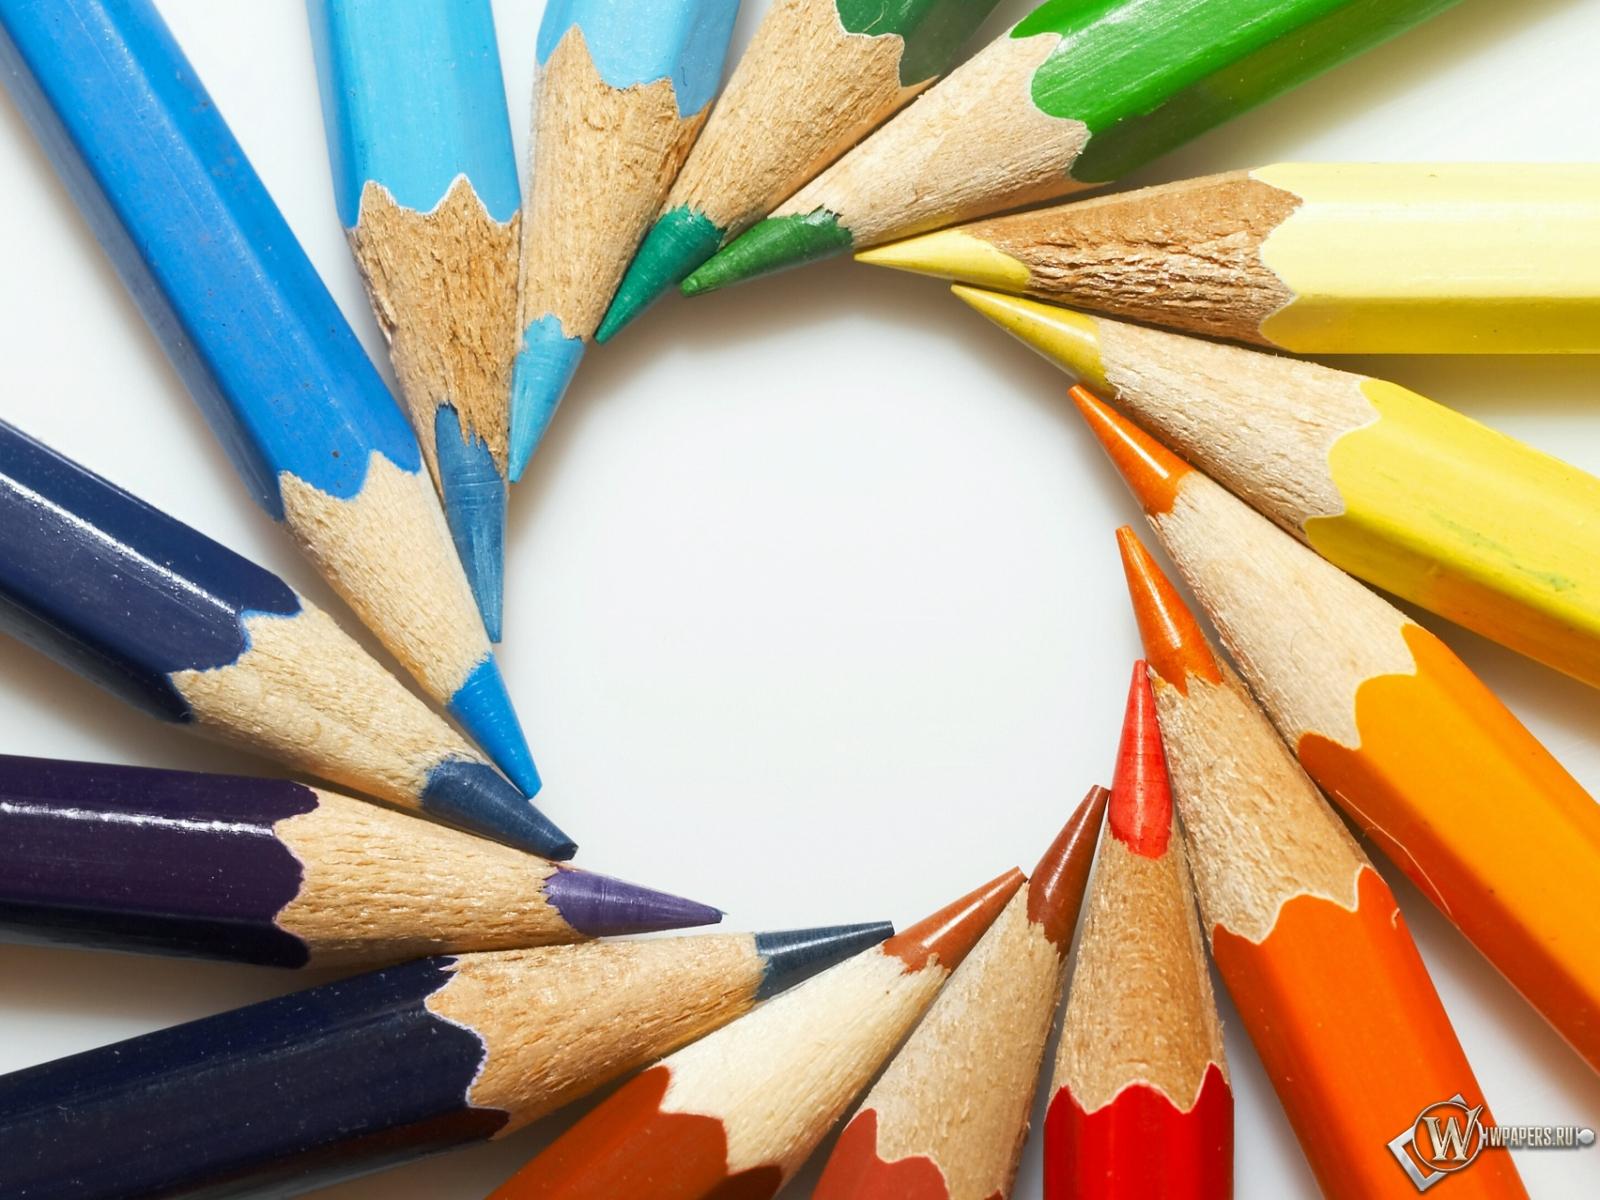 Цветные карандаши 1600x1200